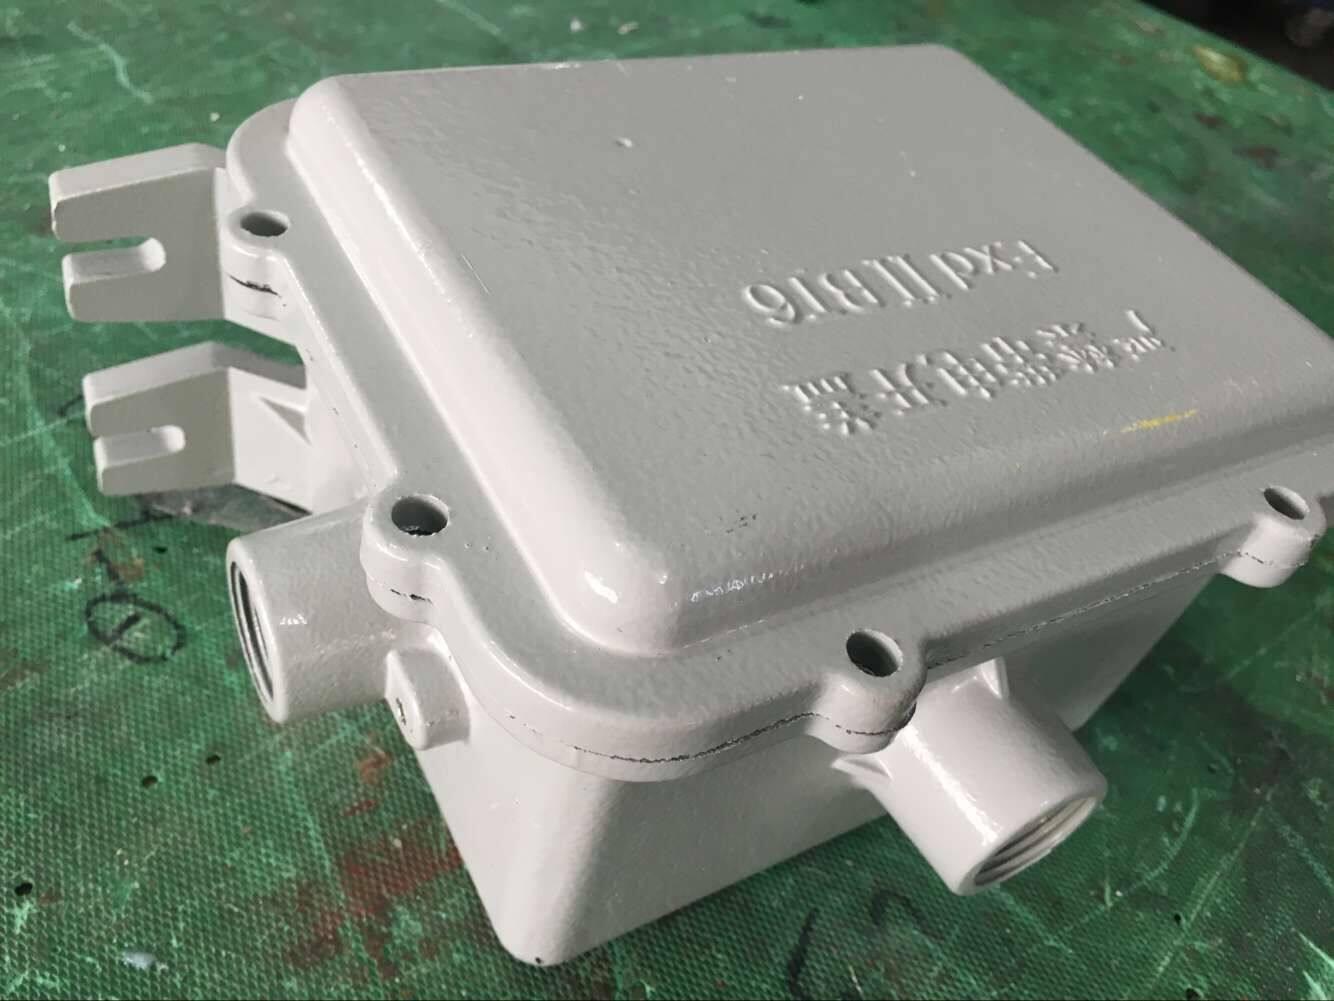 广东防爆灯镇流器BAZ产品特点 壳体采用铝合金压铸成型,表面高压静电喷塑。 可按要求加装补偿电容,补偿后功率因数cos≥0.85 可直接吊装灯具,便于安装维护。 钢管或电缆布线均可。 订货须知 按产品型号说明逐条选择,例:高压钠灯400W镇流器,则型号为BAZ51-N400。 BAZ系列防爆镇流器,建议用户使用上海亚明,飞利浦光源与BdH系列防爆镇流器配套使用。 如需要C级、增安型镇流器请注明。 广东防爆灯镇流器BAZ技术参数 执行标准:GB3836.